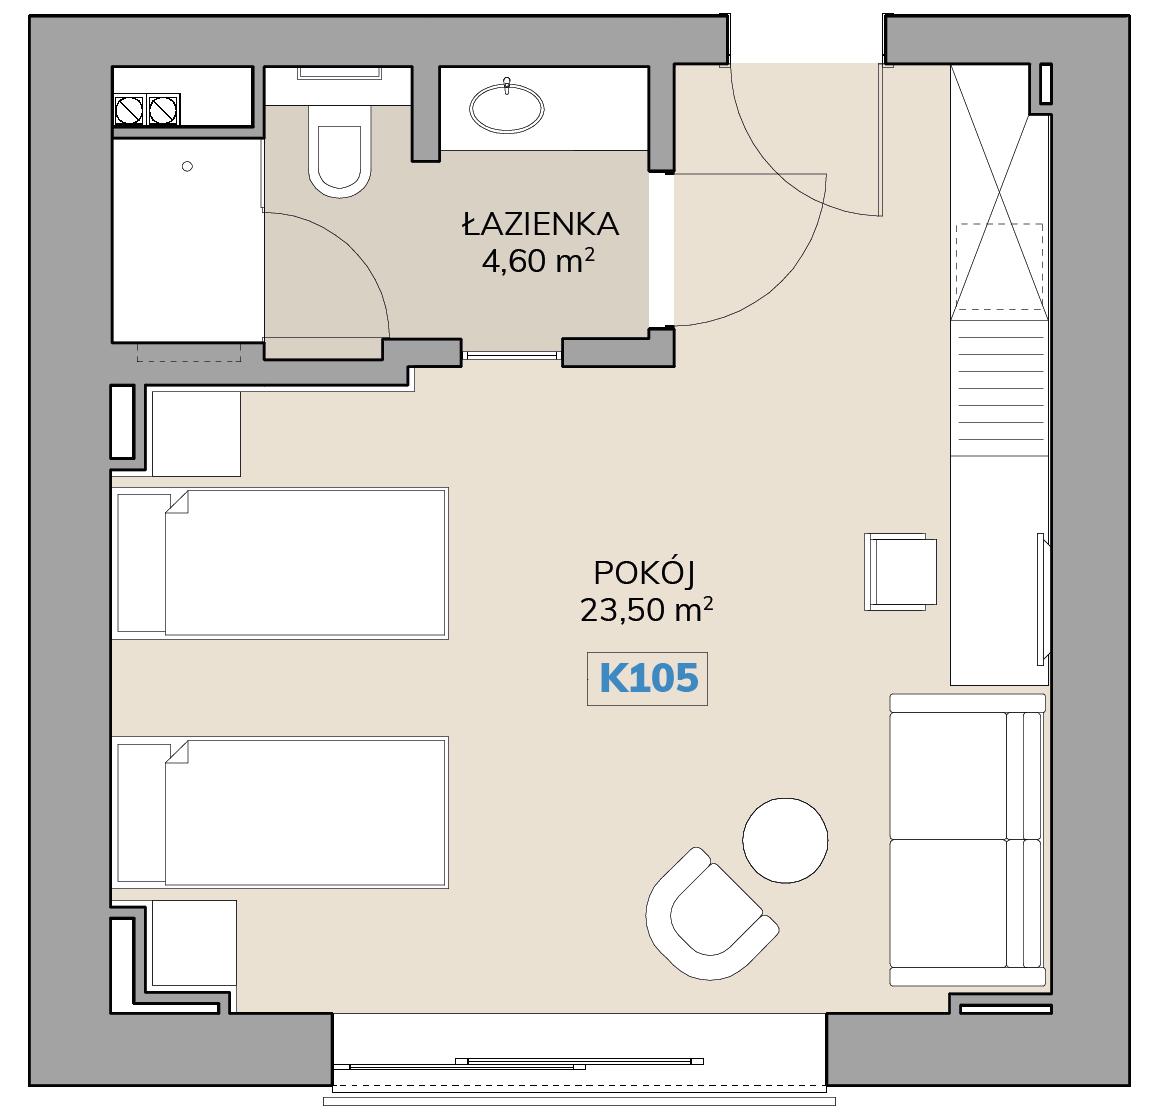 Apartament K105